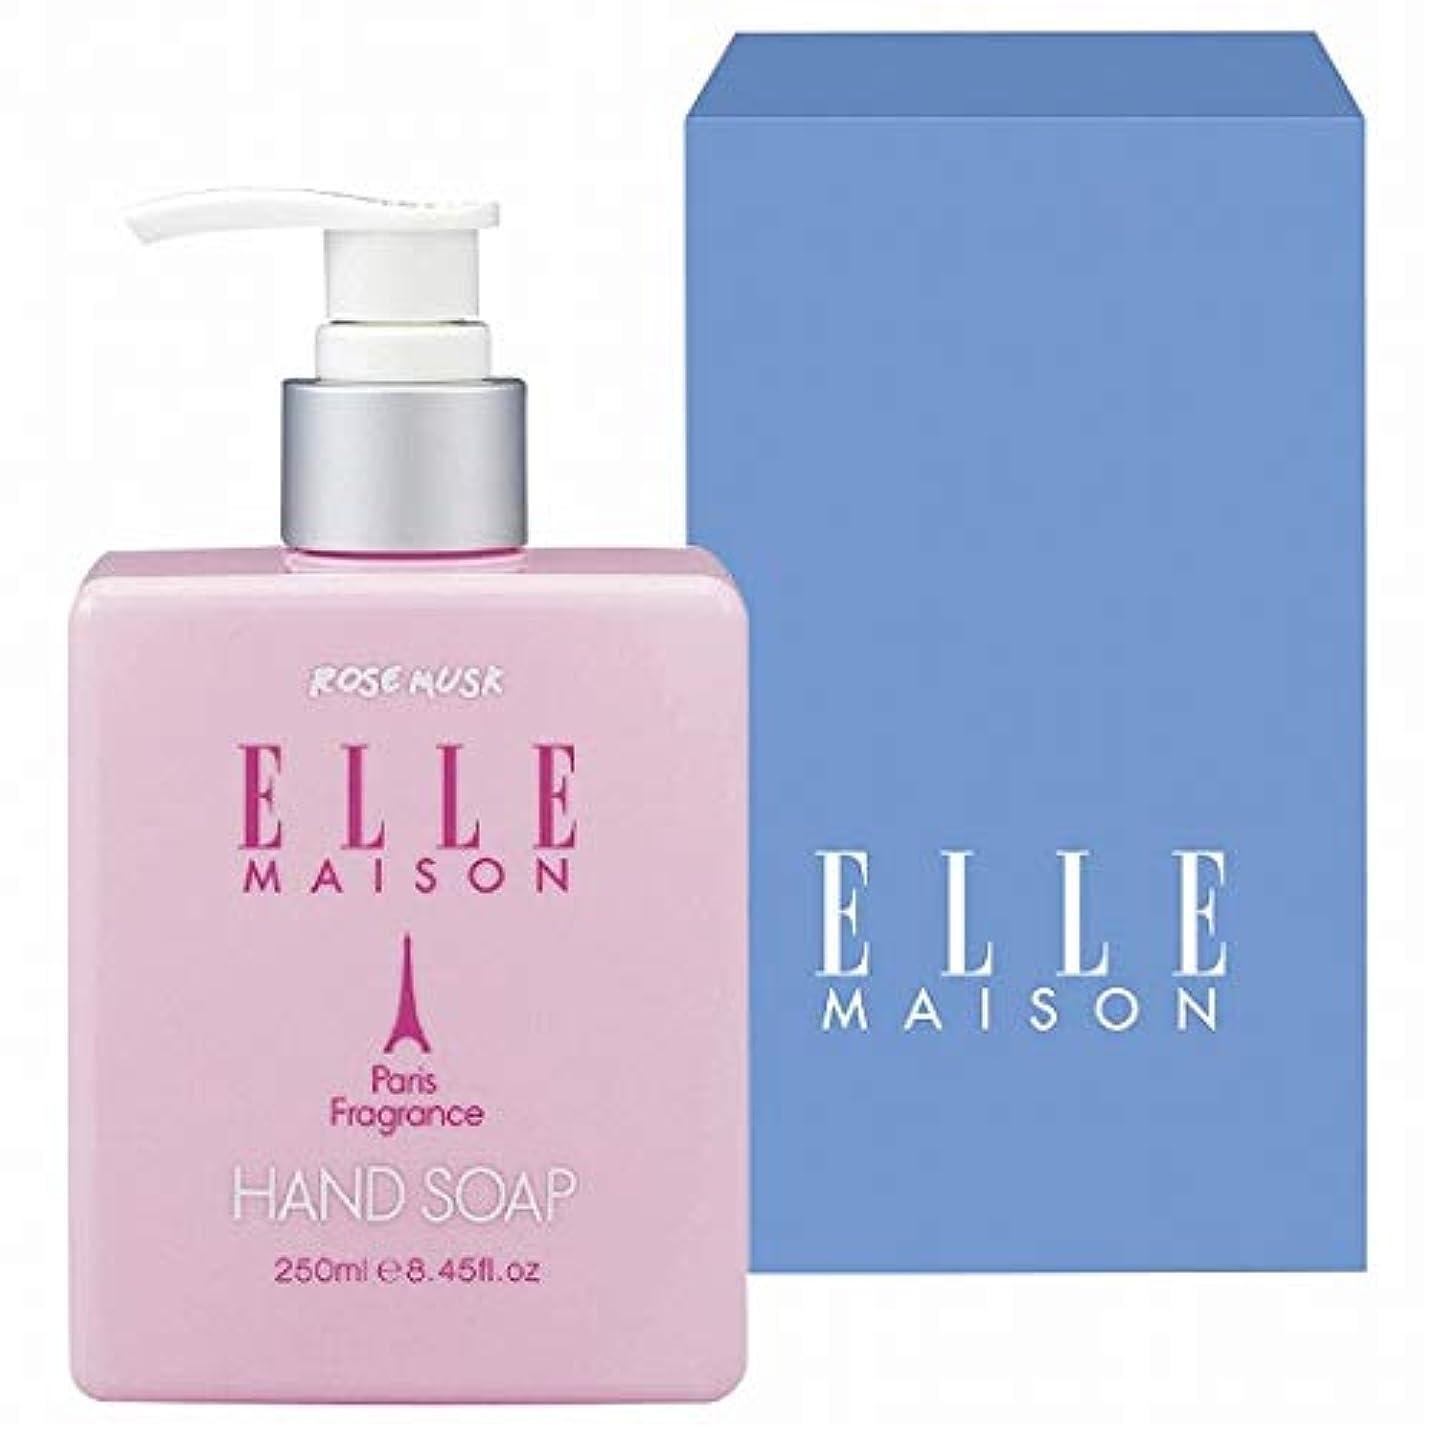 エルマイソン(ELLE MAISON) ELLE MAISON 薬用ハンドソープ